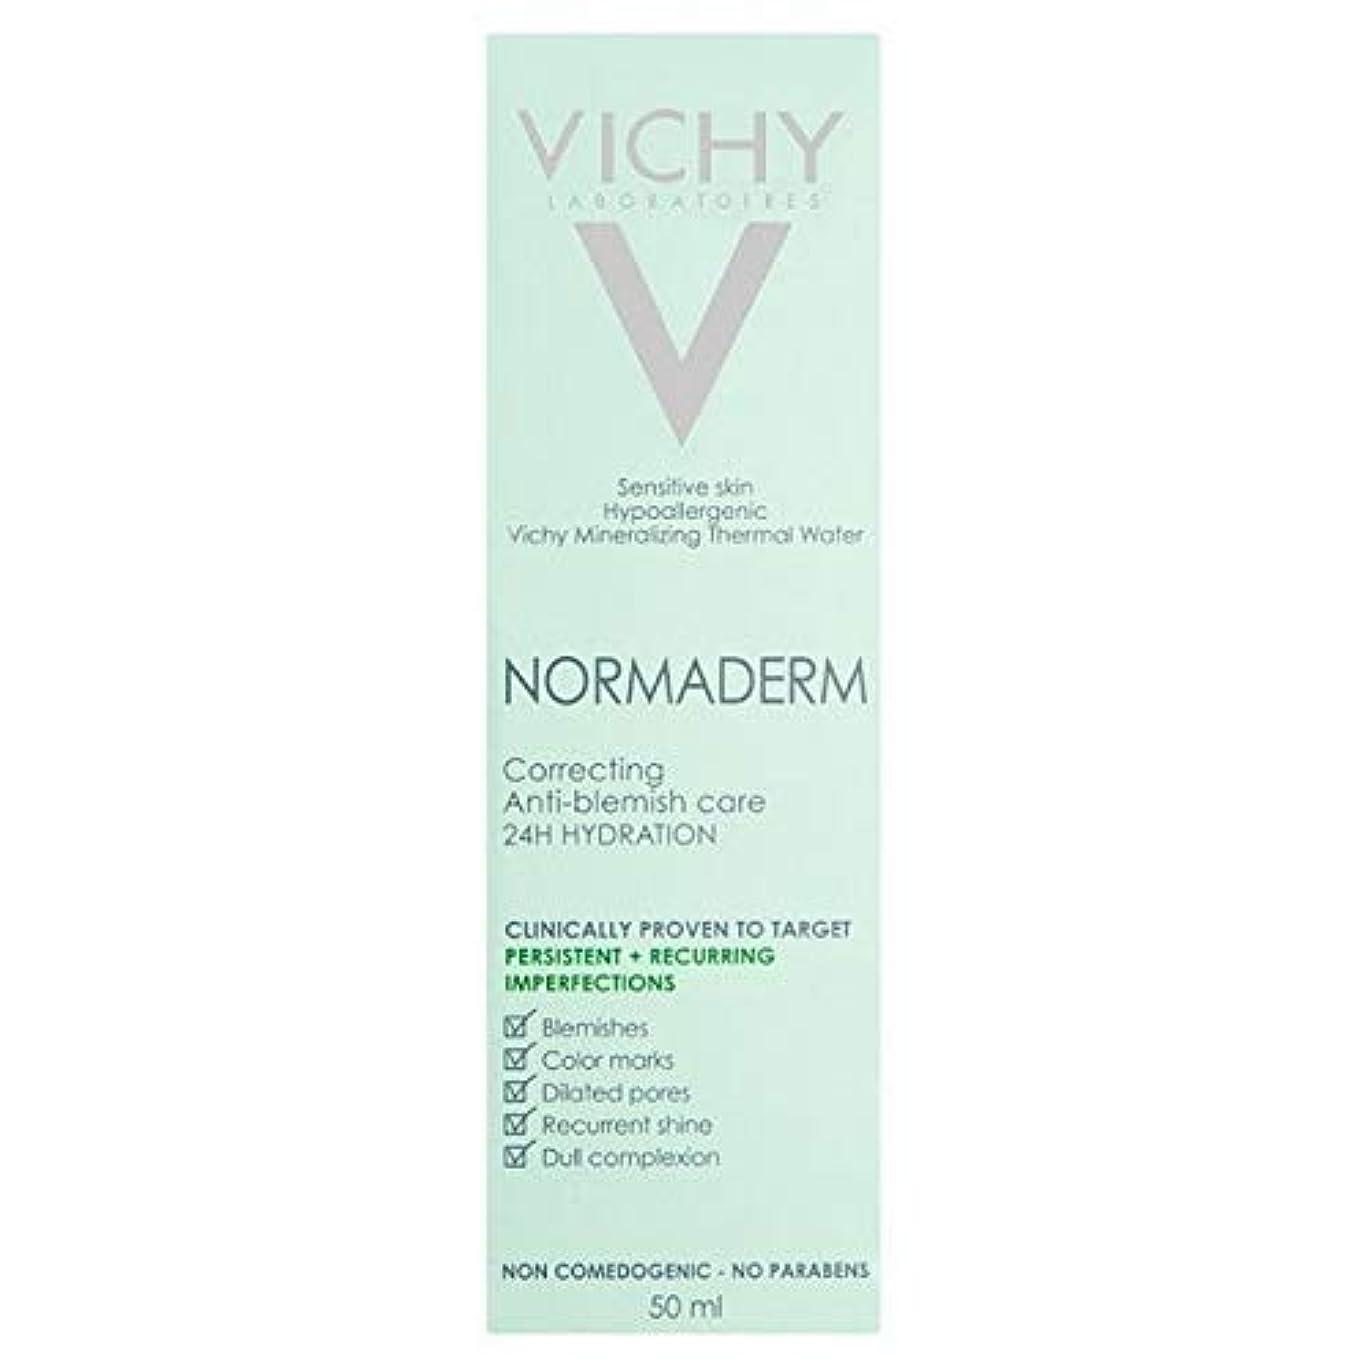 本能ビリーハプニング[Vichy ] ヴィシーNormaderm美化抗傷ケアデイクリーム50Ml - Vichy Normaderm Beautifying Anti-Blemish Care Day Cream 50ml [並行輸入品]